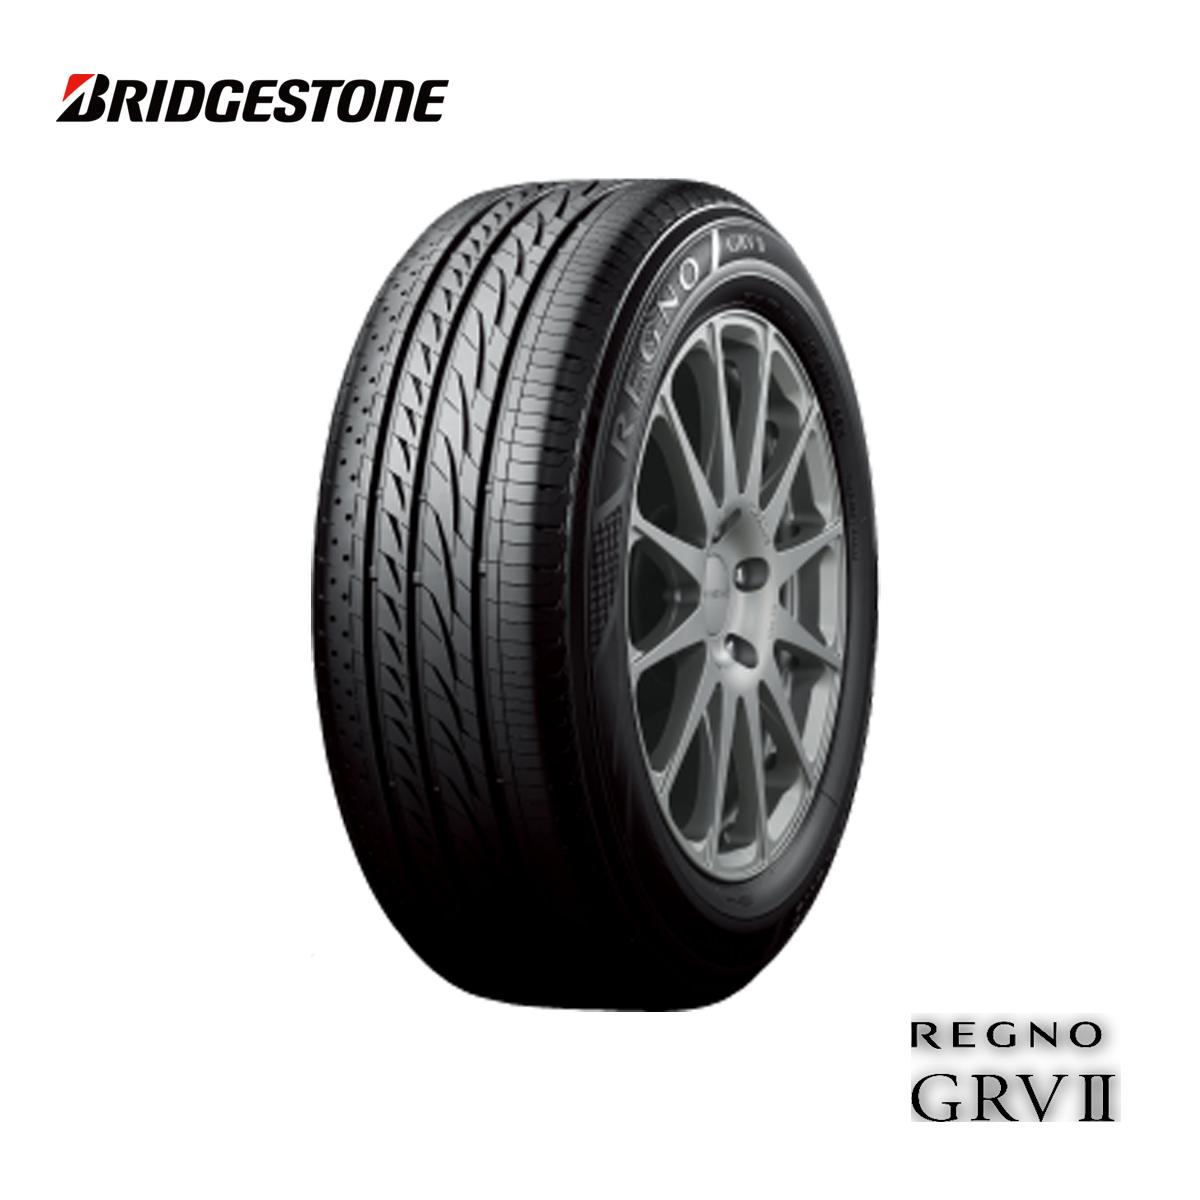 ブリヂストンBS20インチタイヤ245/40R202454020レグノサマータイヤ2本低燃費エコ夏サマータイヤ国産BRIDGESTONEREGNOGRVIIGRV2